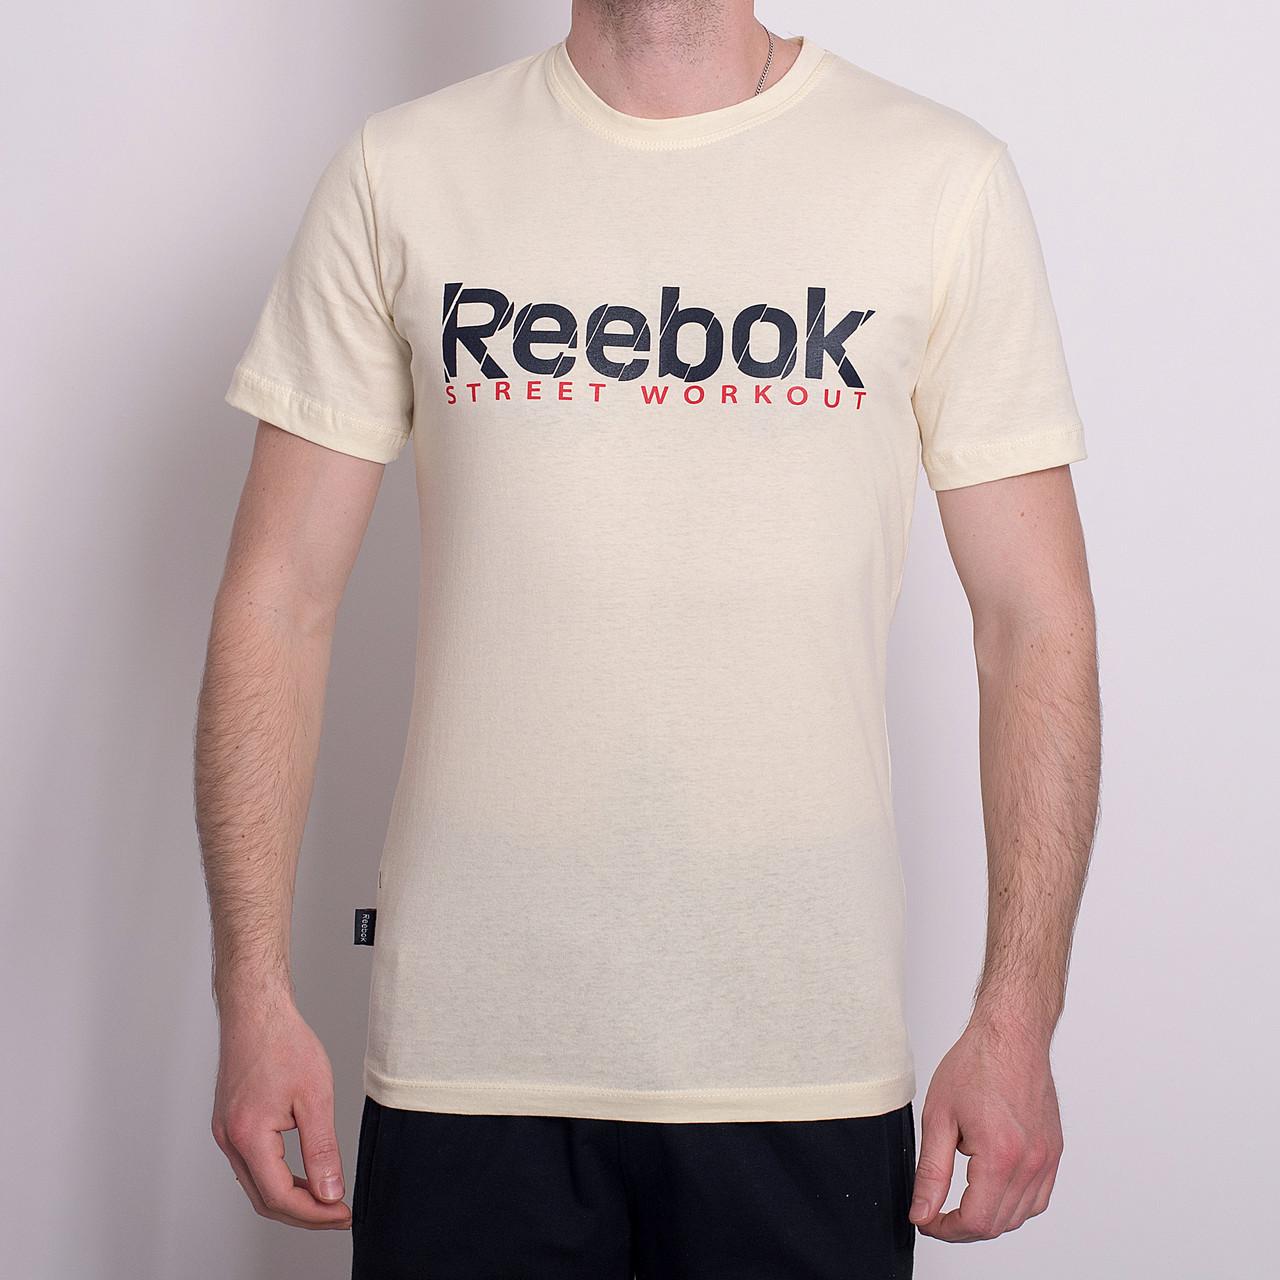 Чоловіча спортивна футболка Reebok, блідо-жовтого кольору